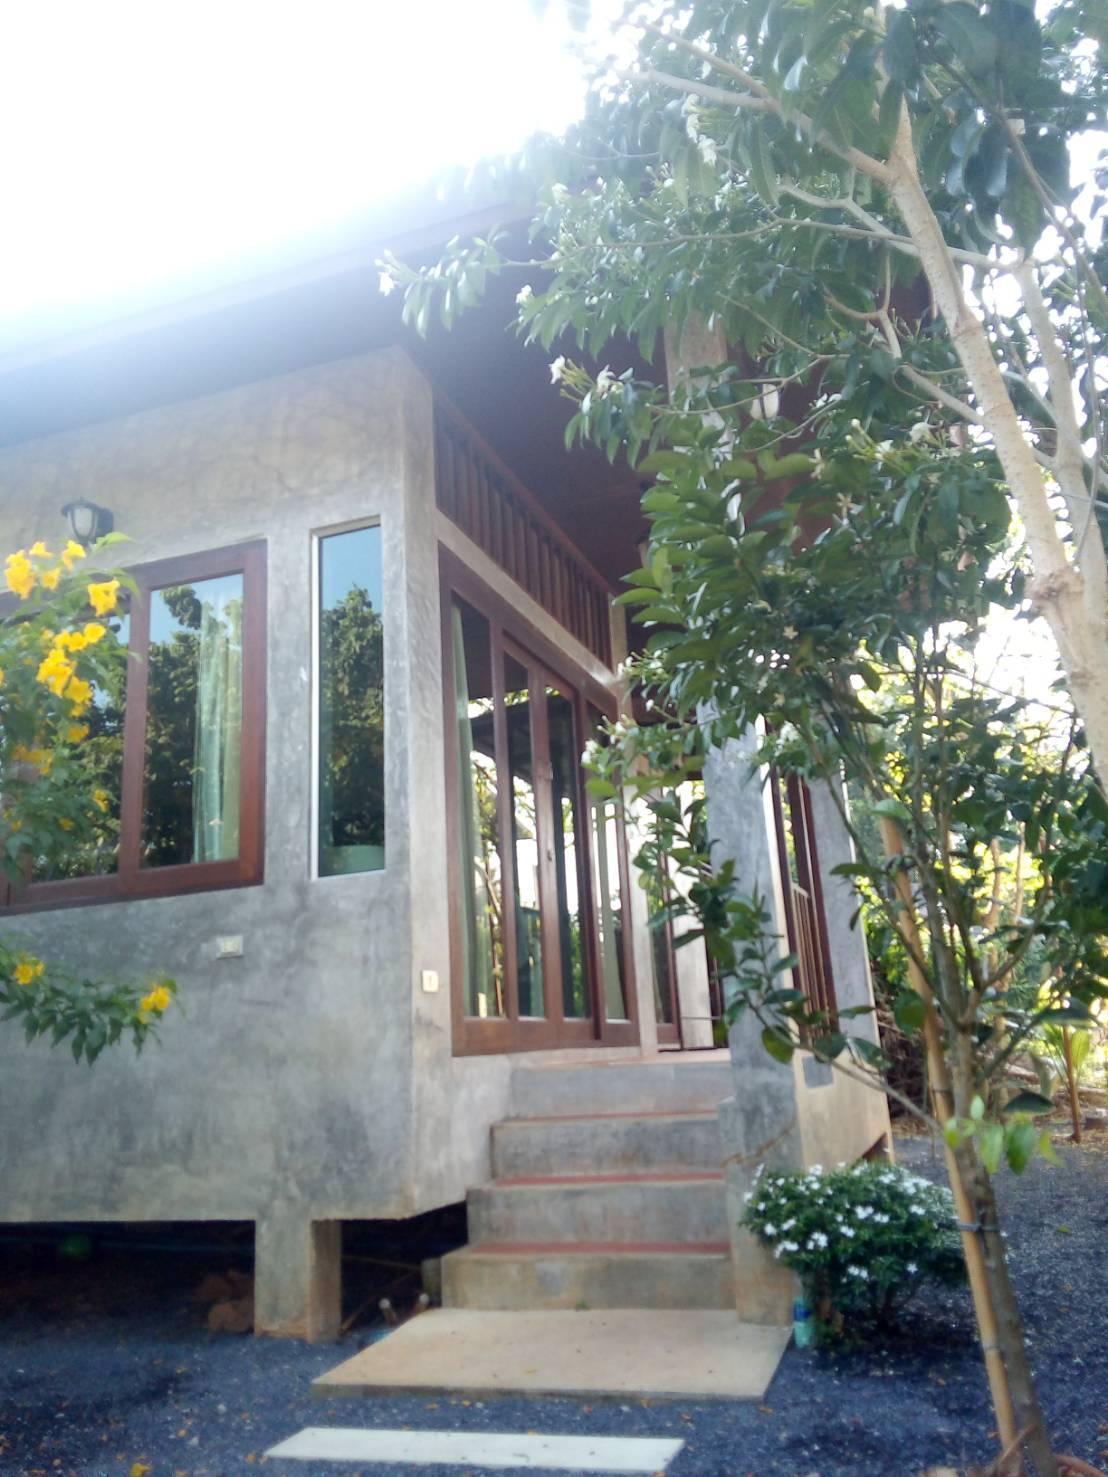 Bann thai villa บ้านเดี่ยว 1 ห้องนอน 1 ห้องน้ำส่วนตัว ขนาด 80 ตร.ม. – หาดคลองม่วง